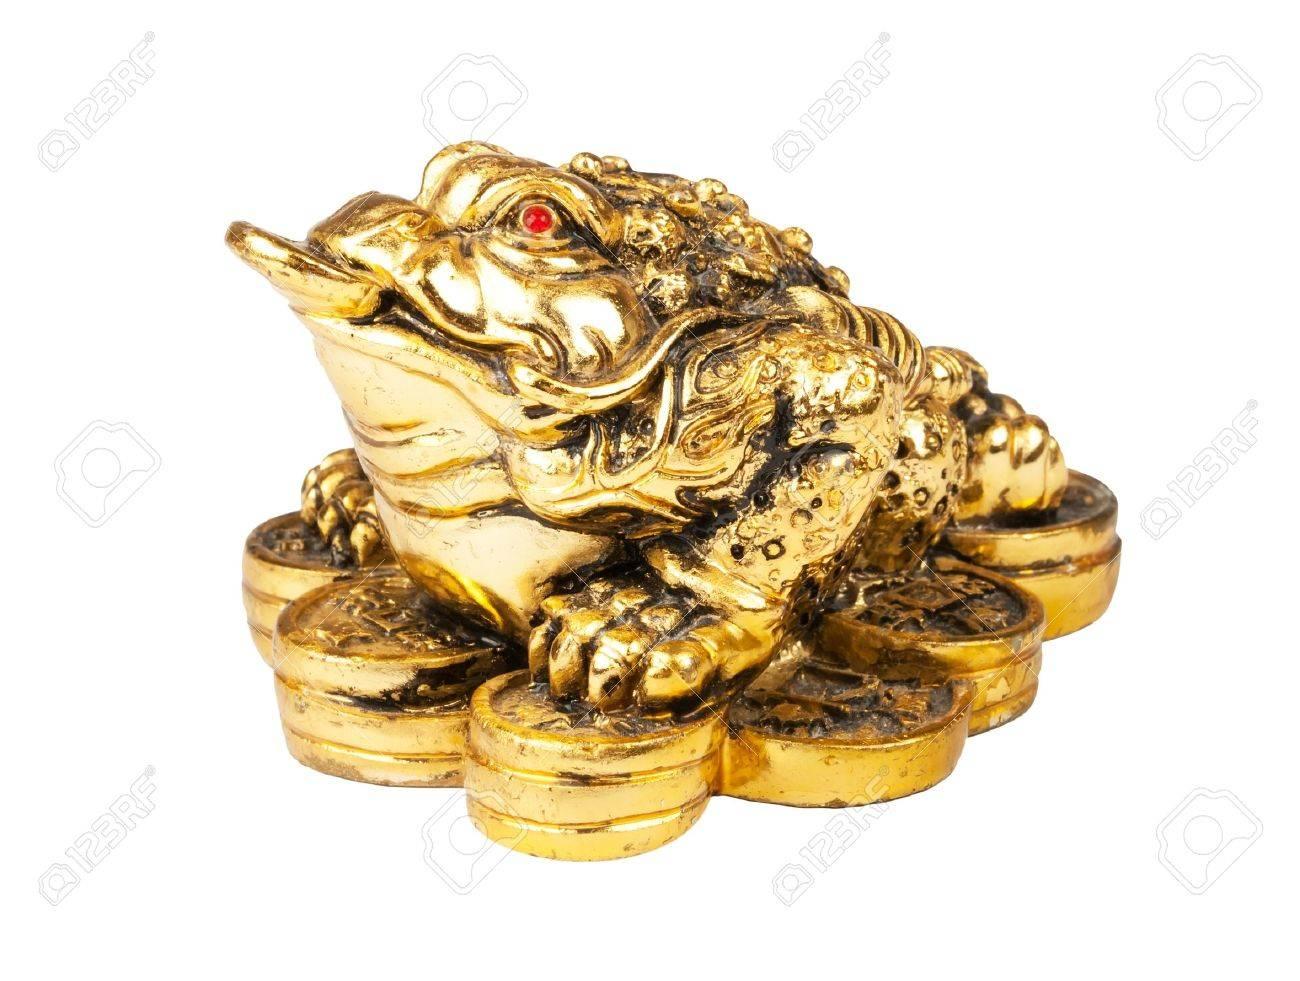 Feng Shui Argent chinois feng shui litoria avec des pièces de monnaie, symbole de l